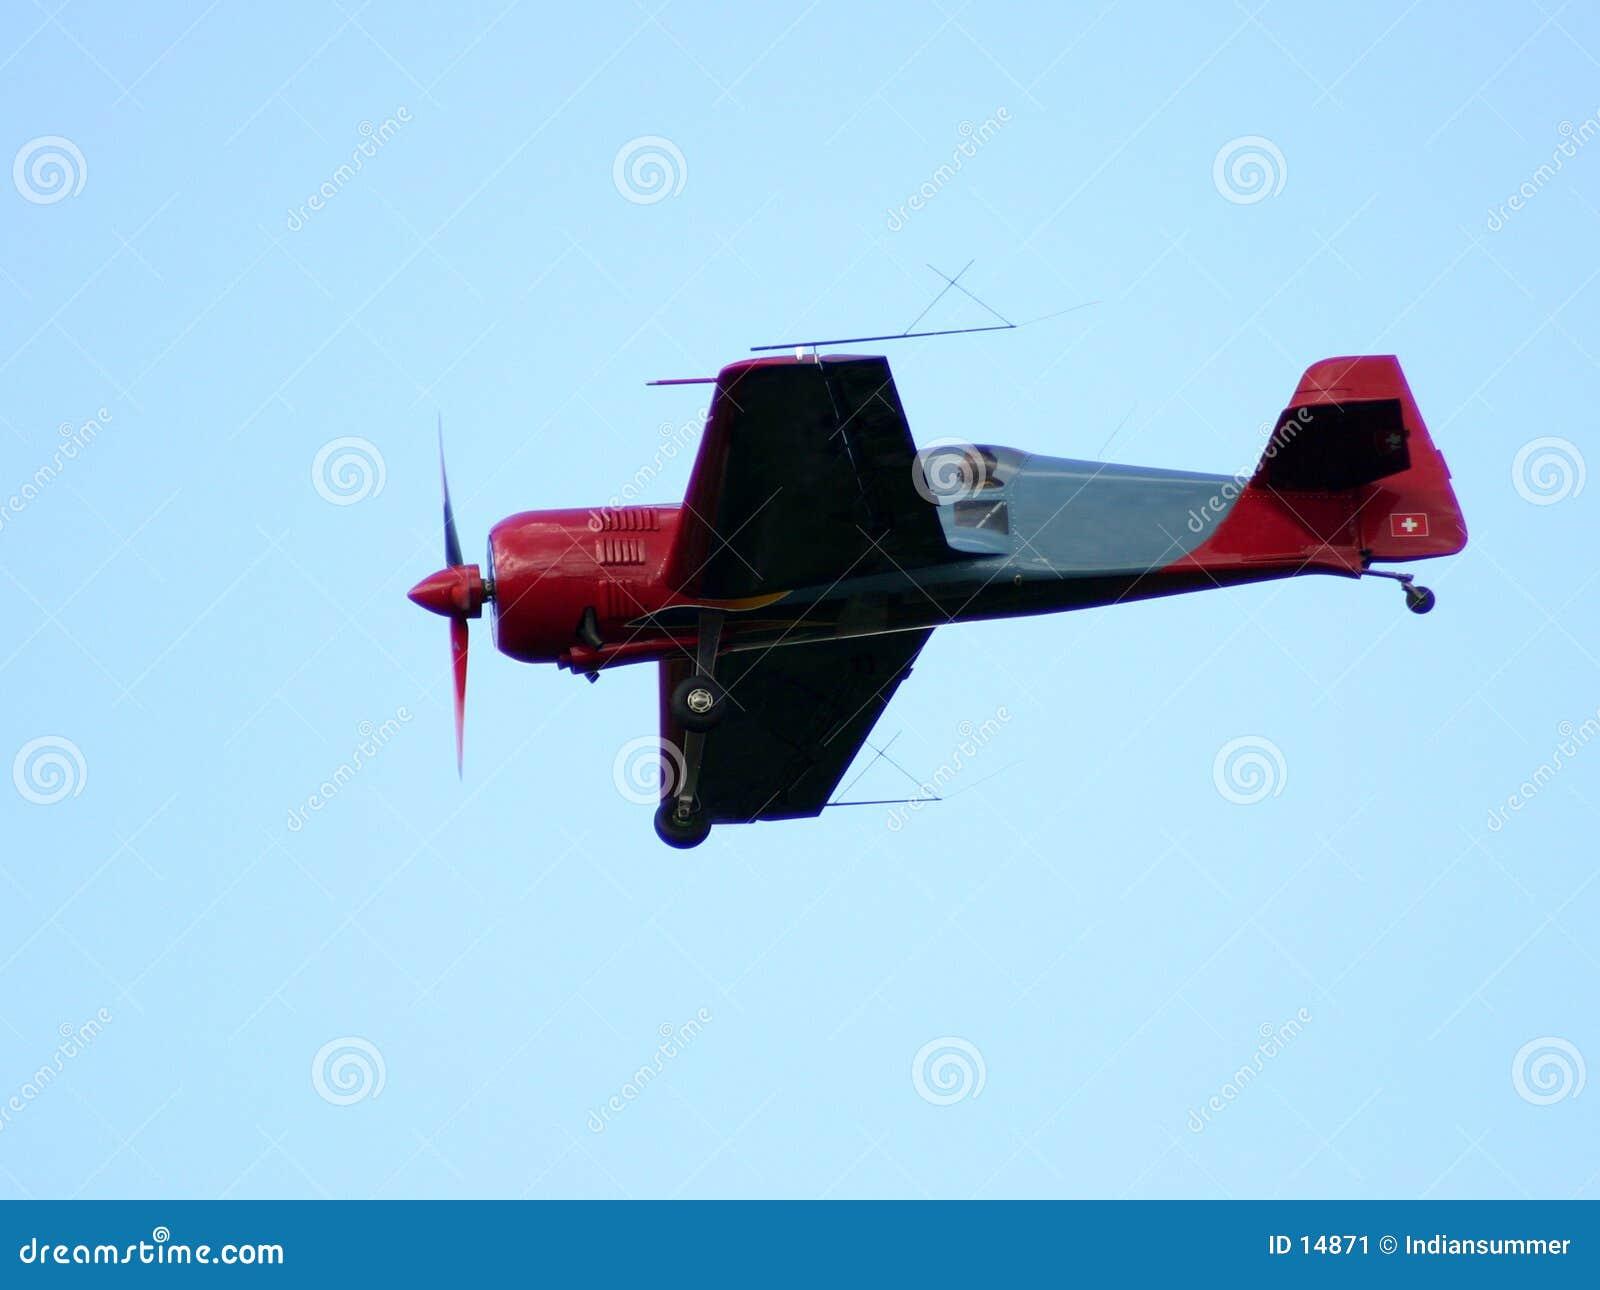 The plane VI